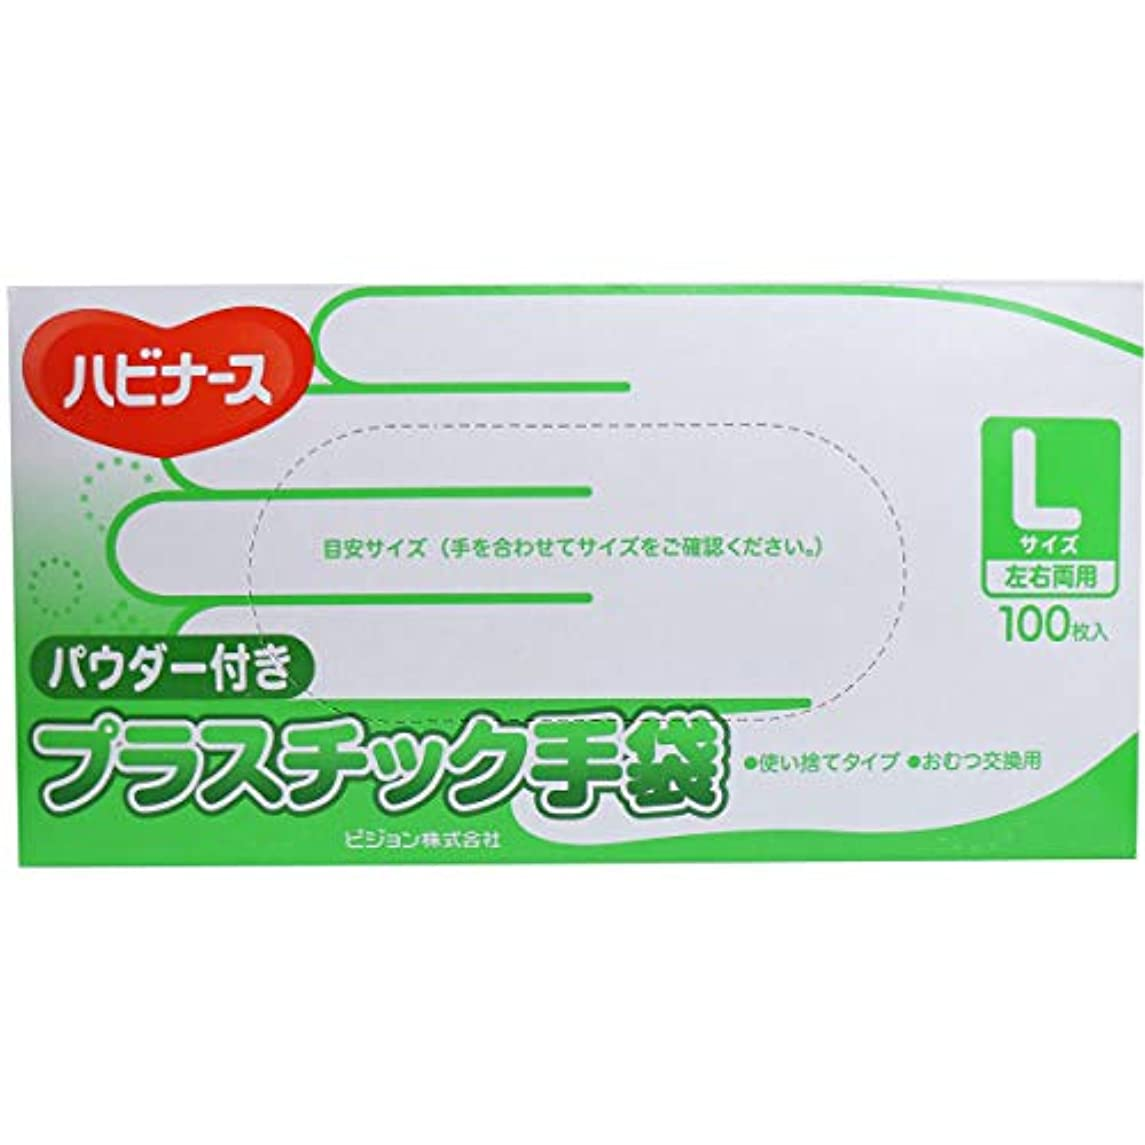 著名な噛むクルーズハビナース プラスチック手袋 パウダー付き Lサイズ 100枚入(単品)